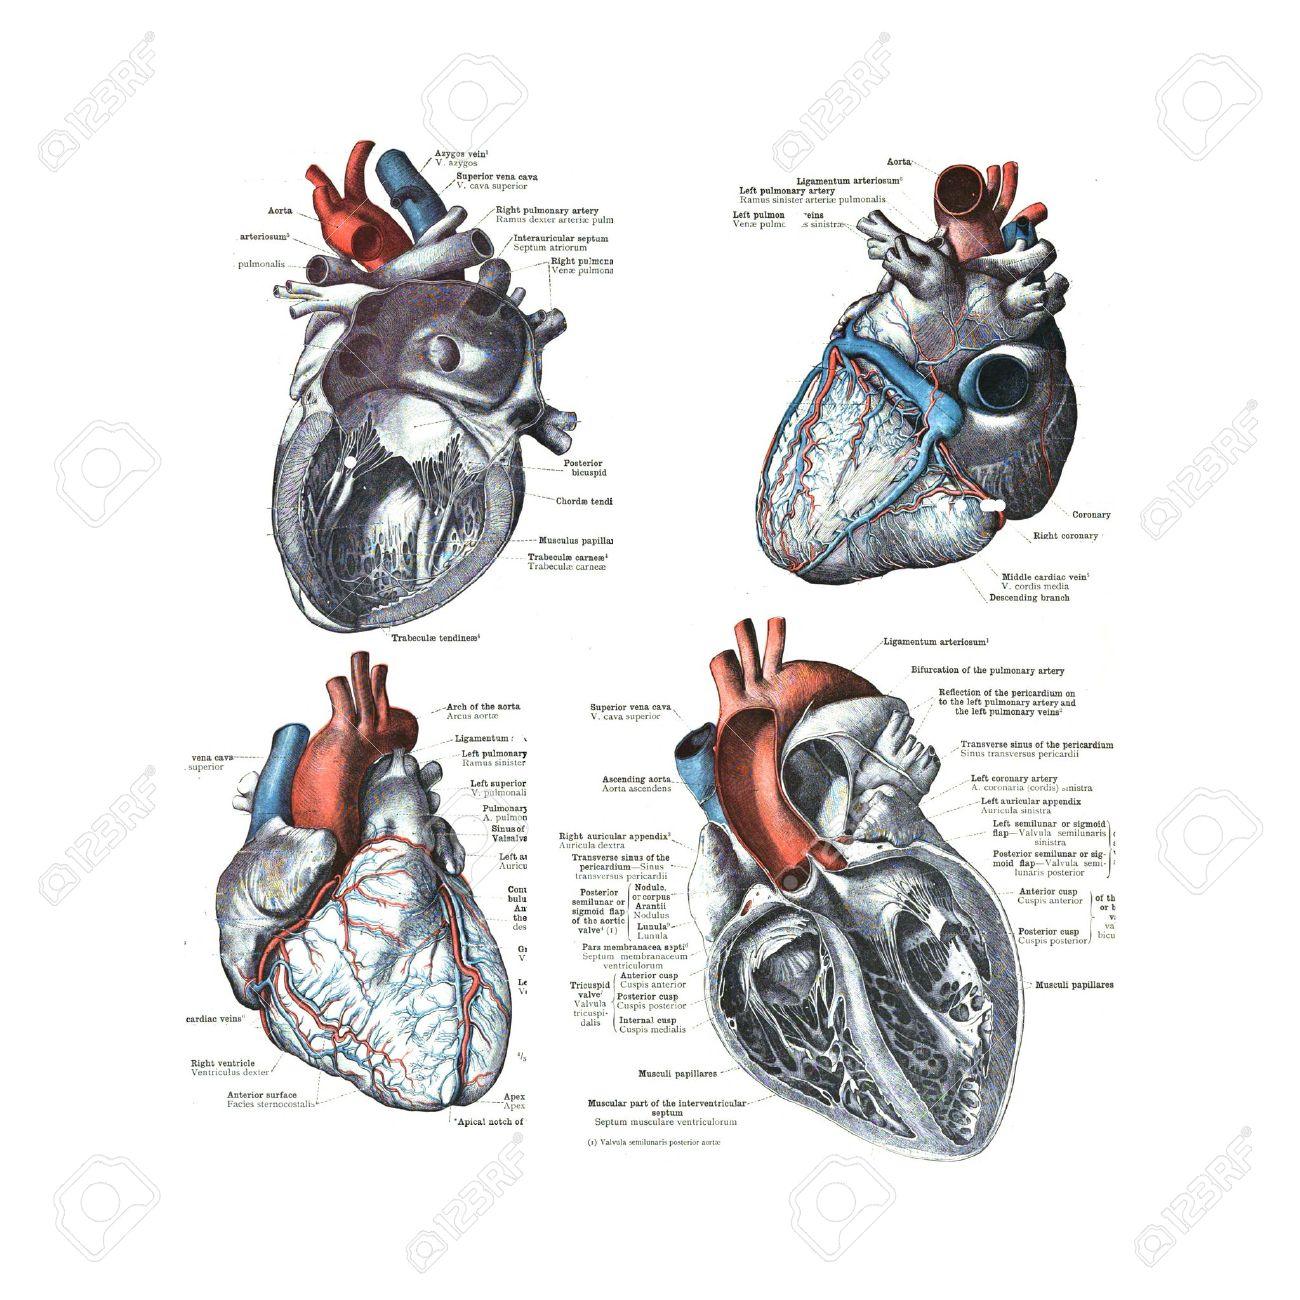 4 Vistas Del Corazón Humano De Un Atlas De Anatomía Humana: Carl ...